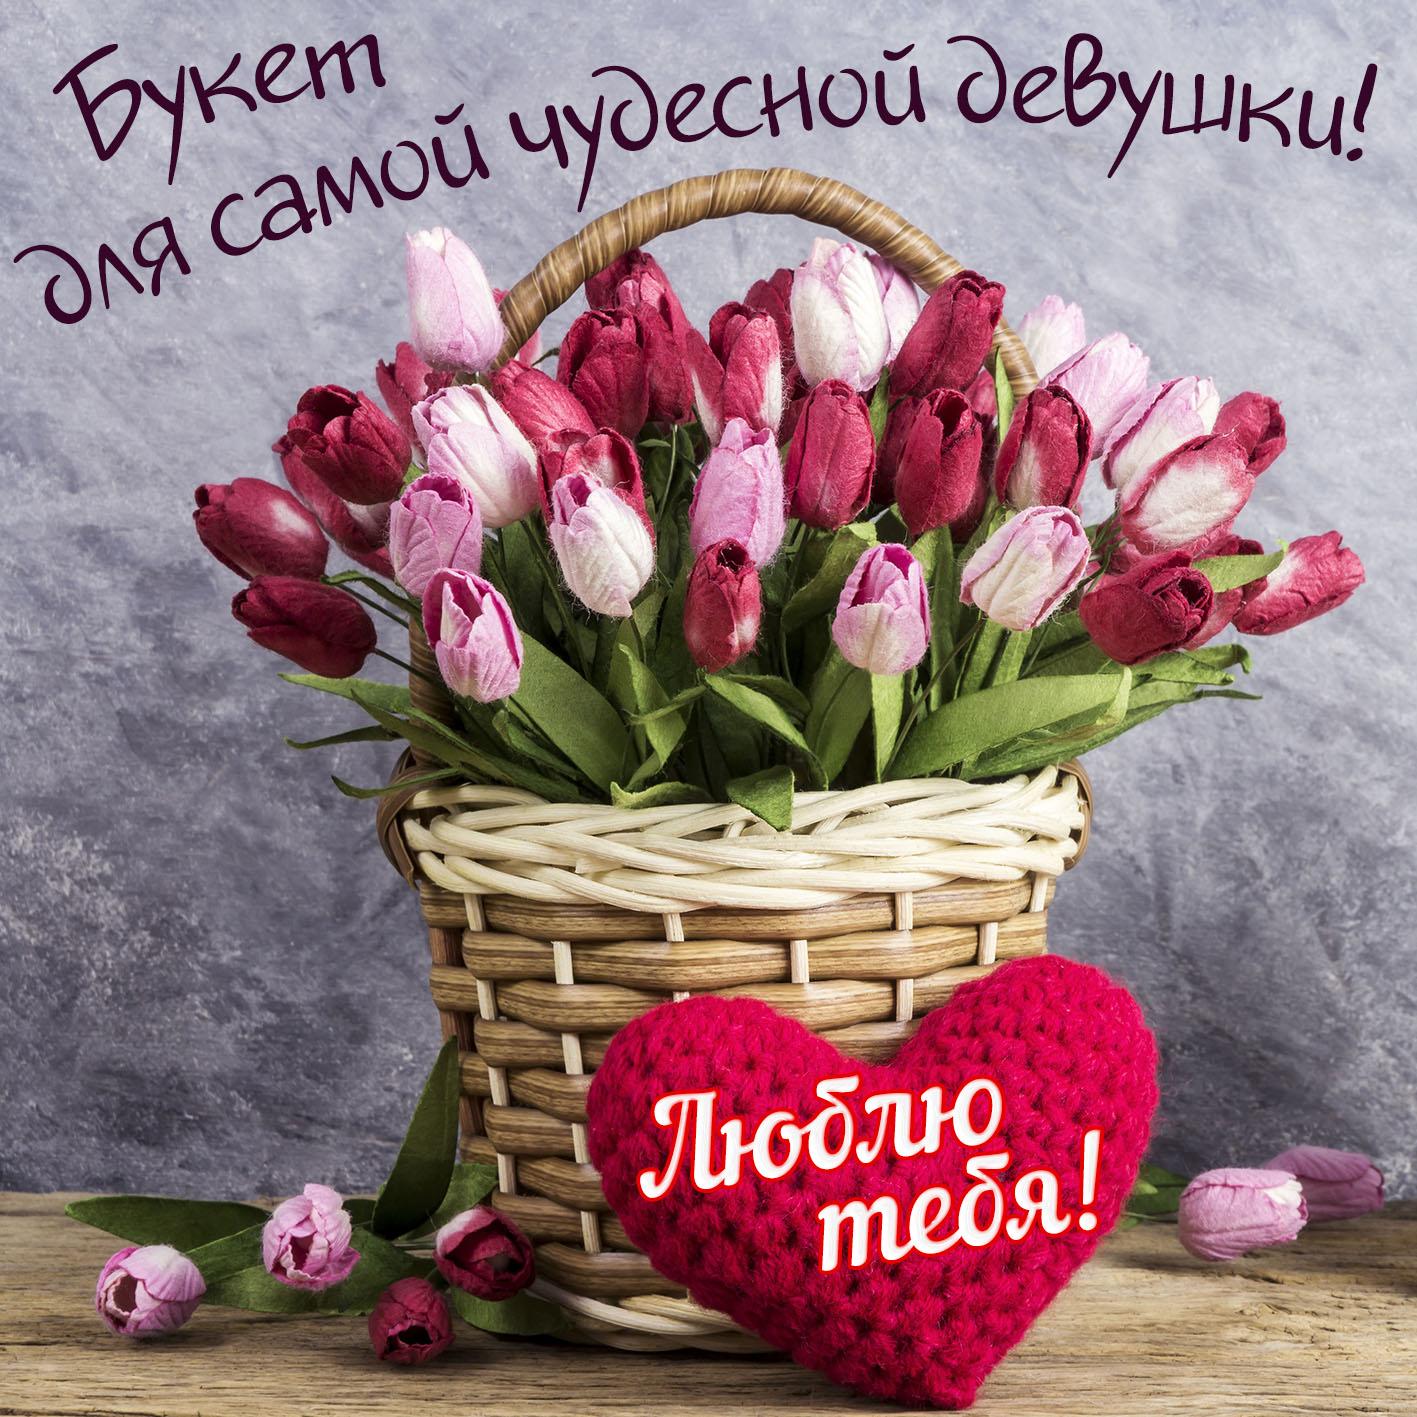 Открытка люблю - букет тюльпанов для самой чудесной девушки